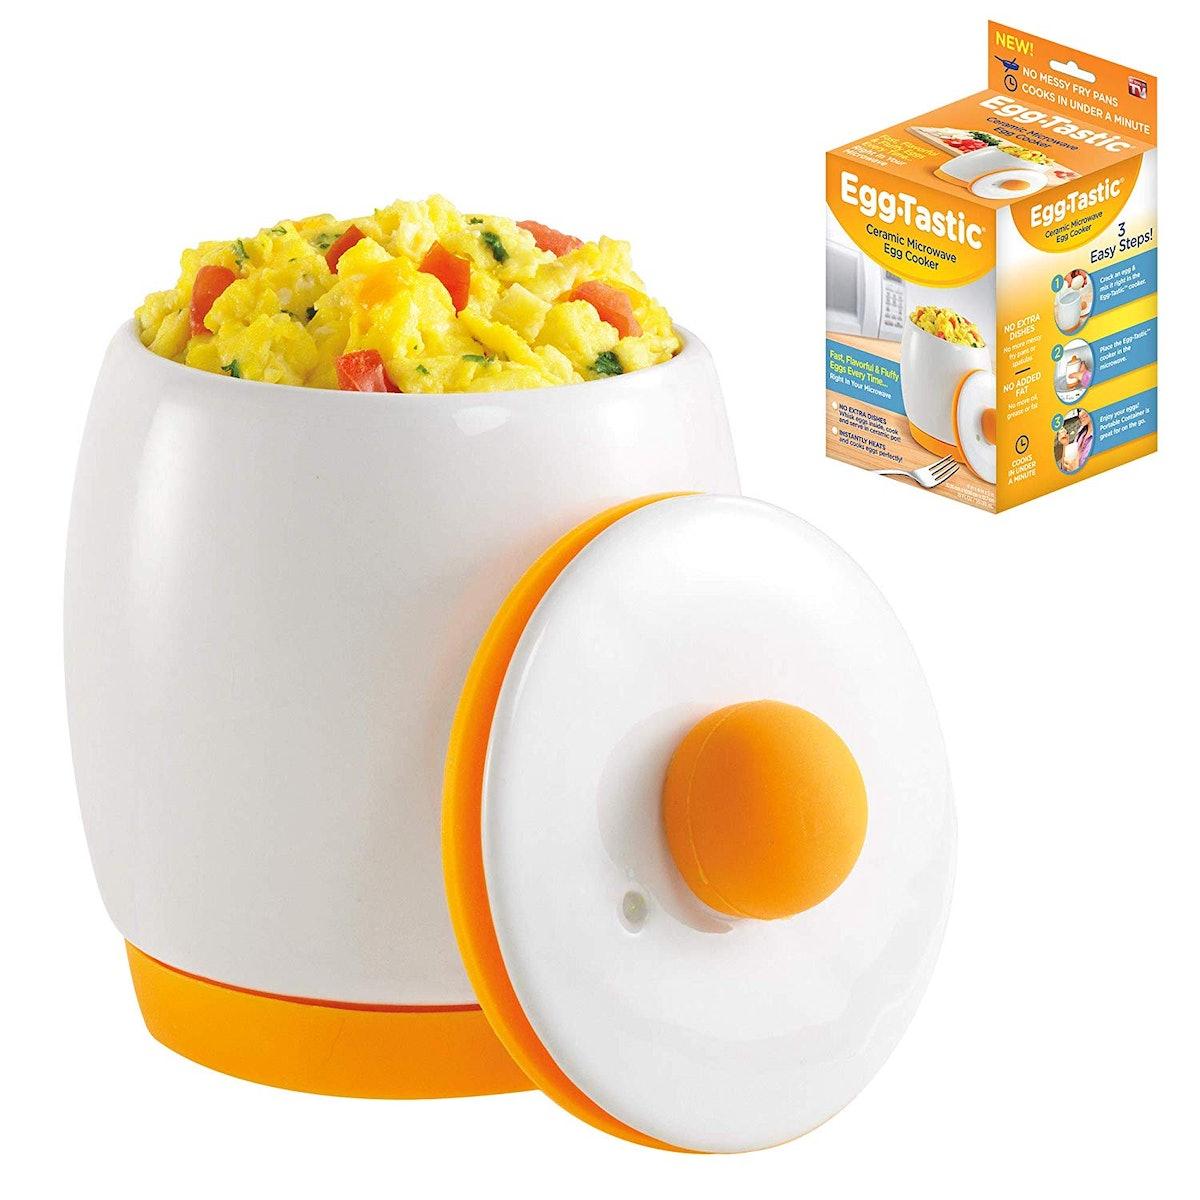 Egg-Tastic Microwave Egg Cooker